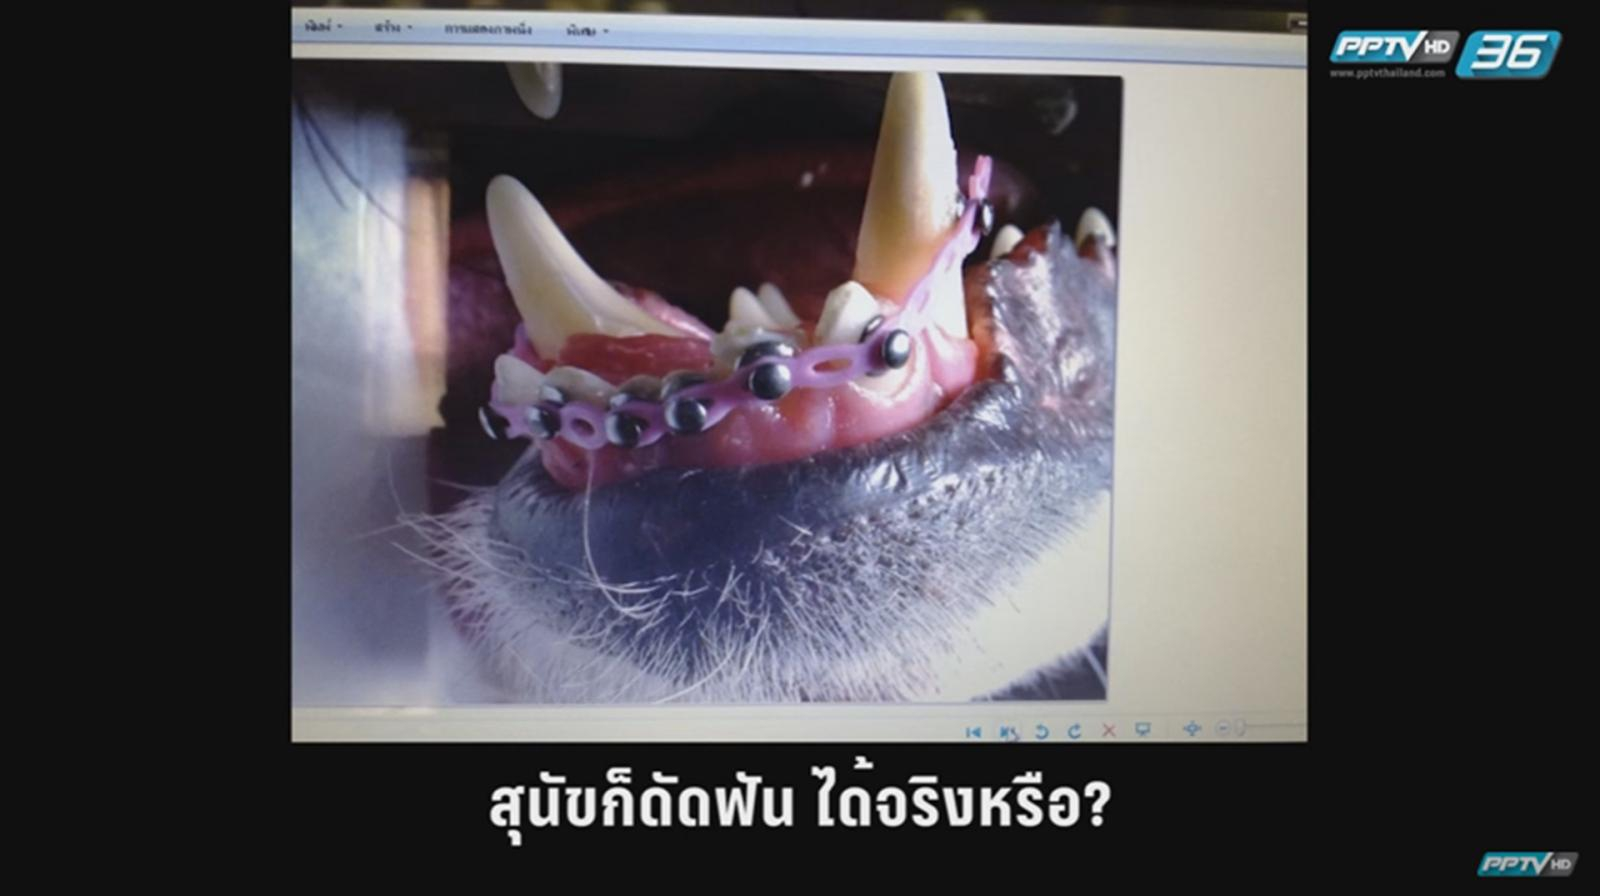 ตอบทุกข้อสงสัยทำไมสุนัขถึงต้องจัดฟัน!! ตอนที่ 1